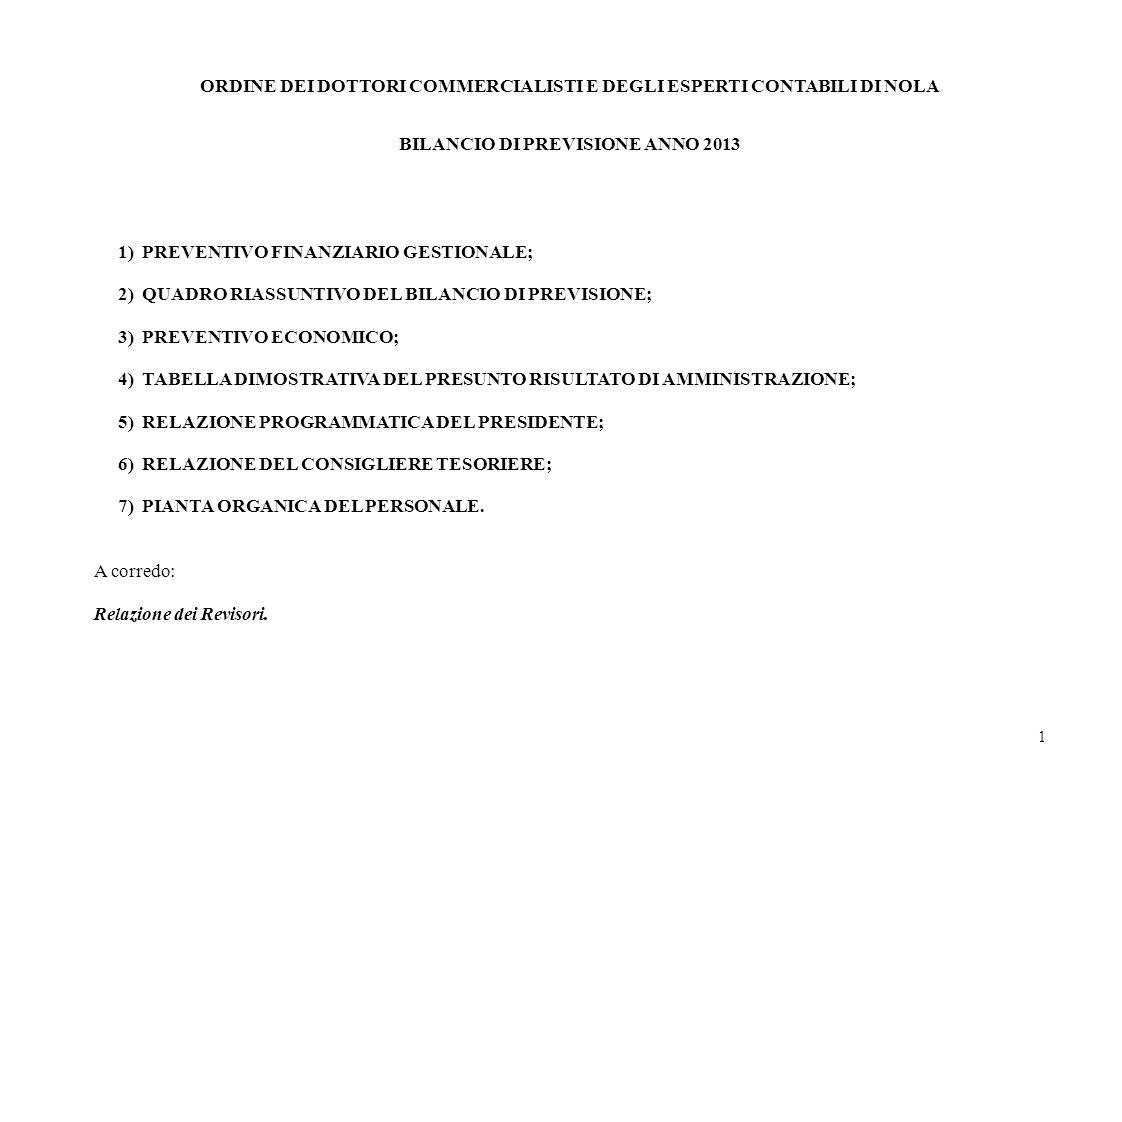 ORDINE DEI DOTTORI COMMERCIALISTI E DEGLI ESPERTI CONTABILI DI NOLA BILANCIO DI PREVISIONE ANNO 2013 1)PREVENTIVO FINANZIARIO GESTIONALE; 2)QUADRO RIA